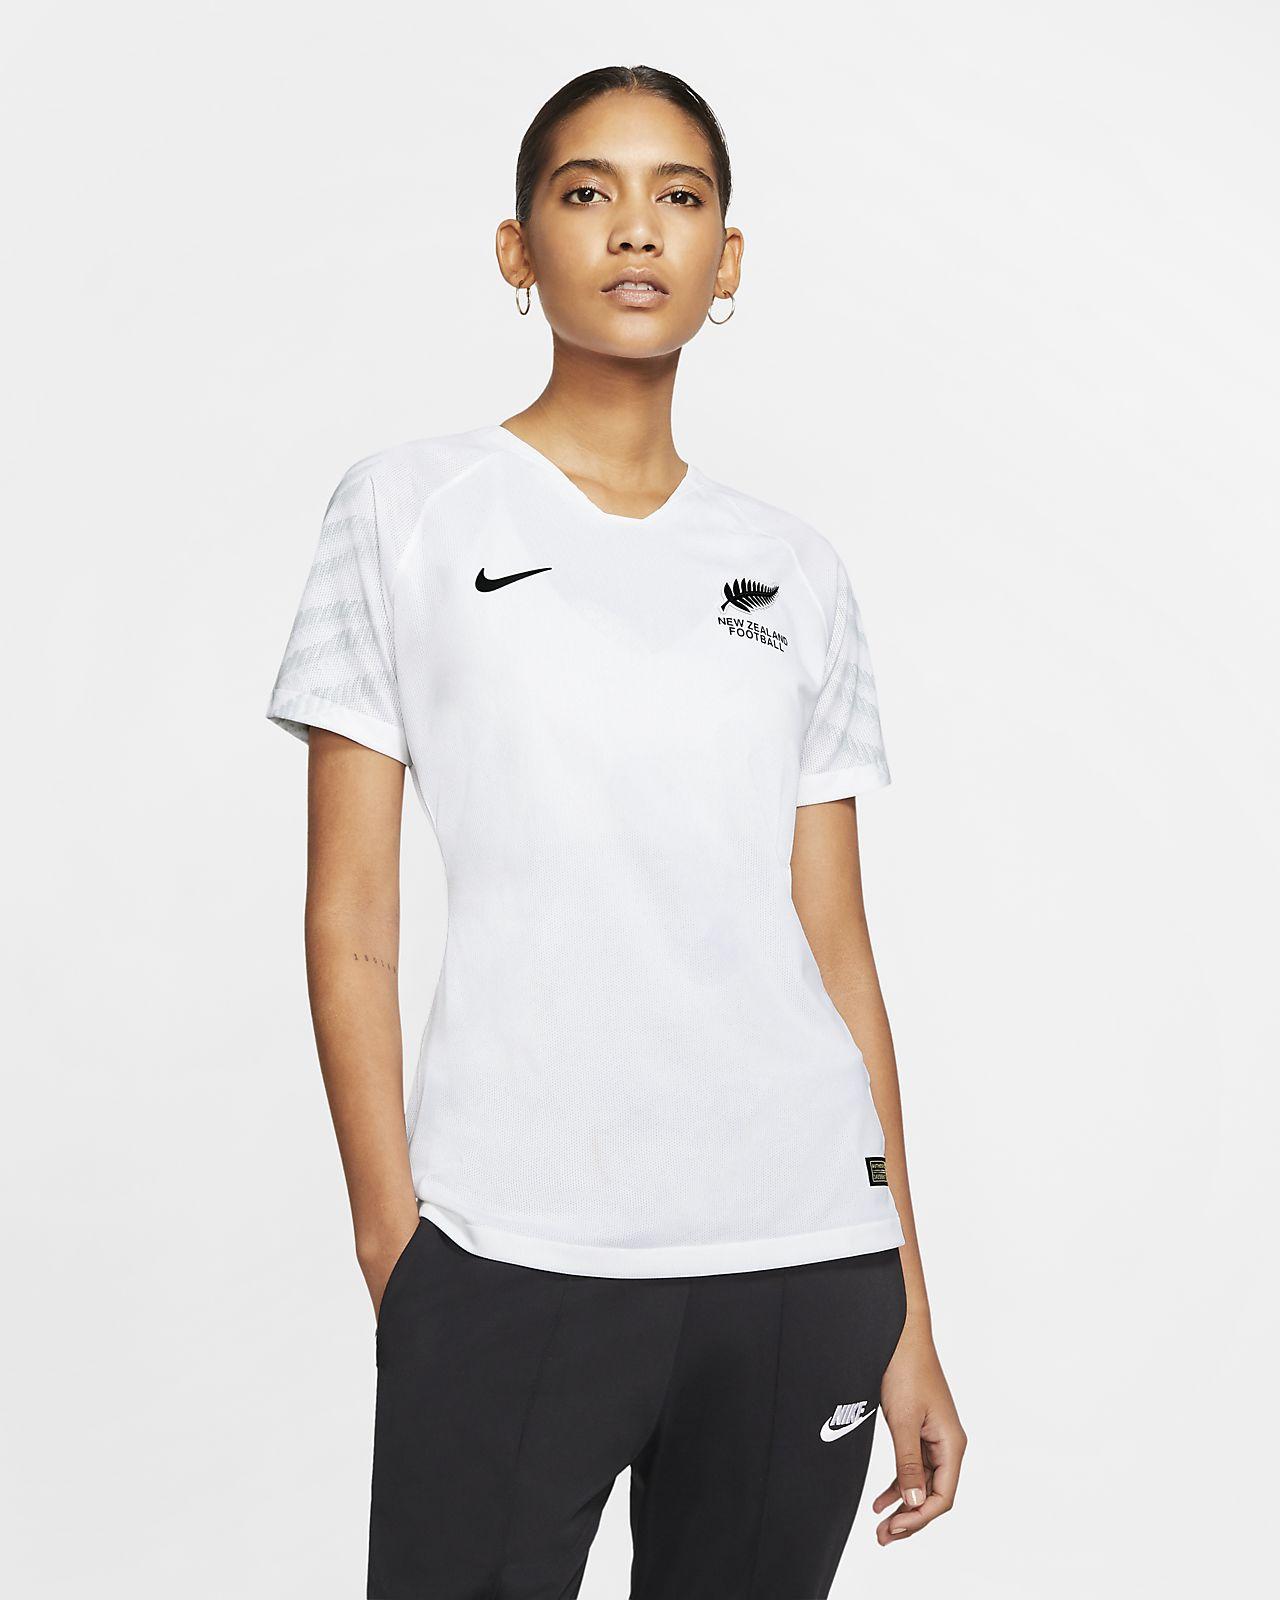 Neuseeland 2019 Home Damen-Fußballtrikot